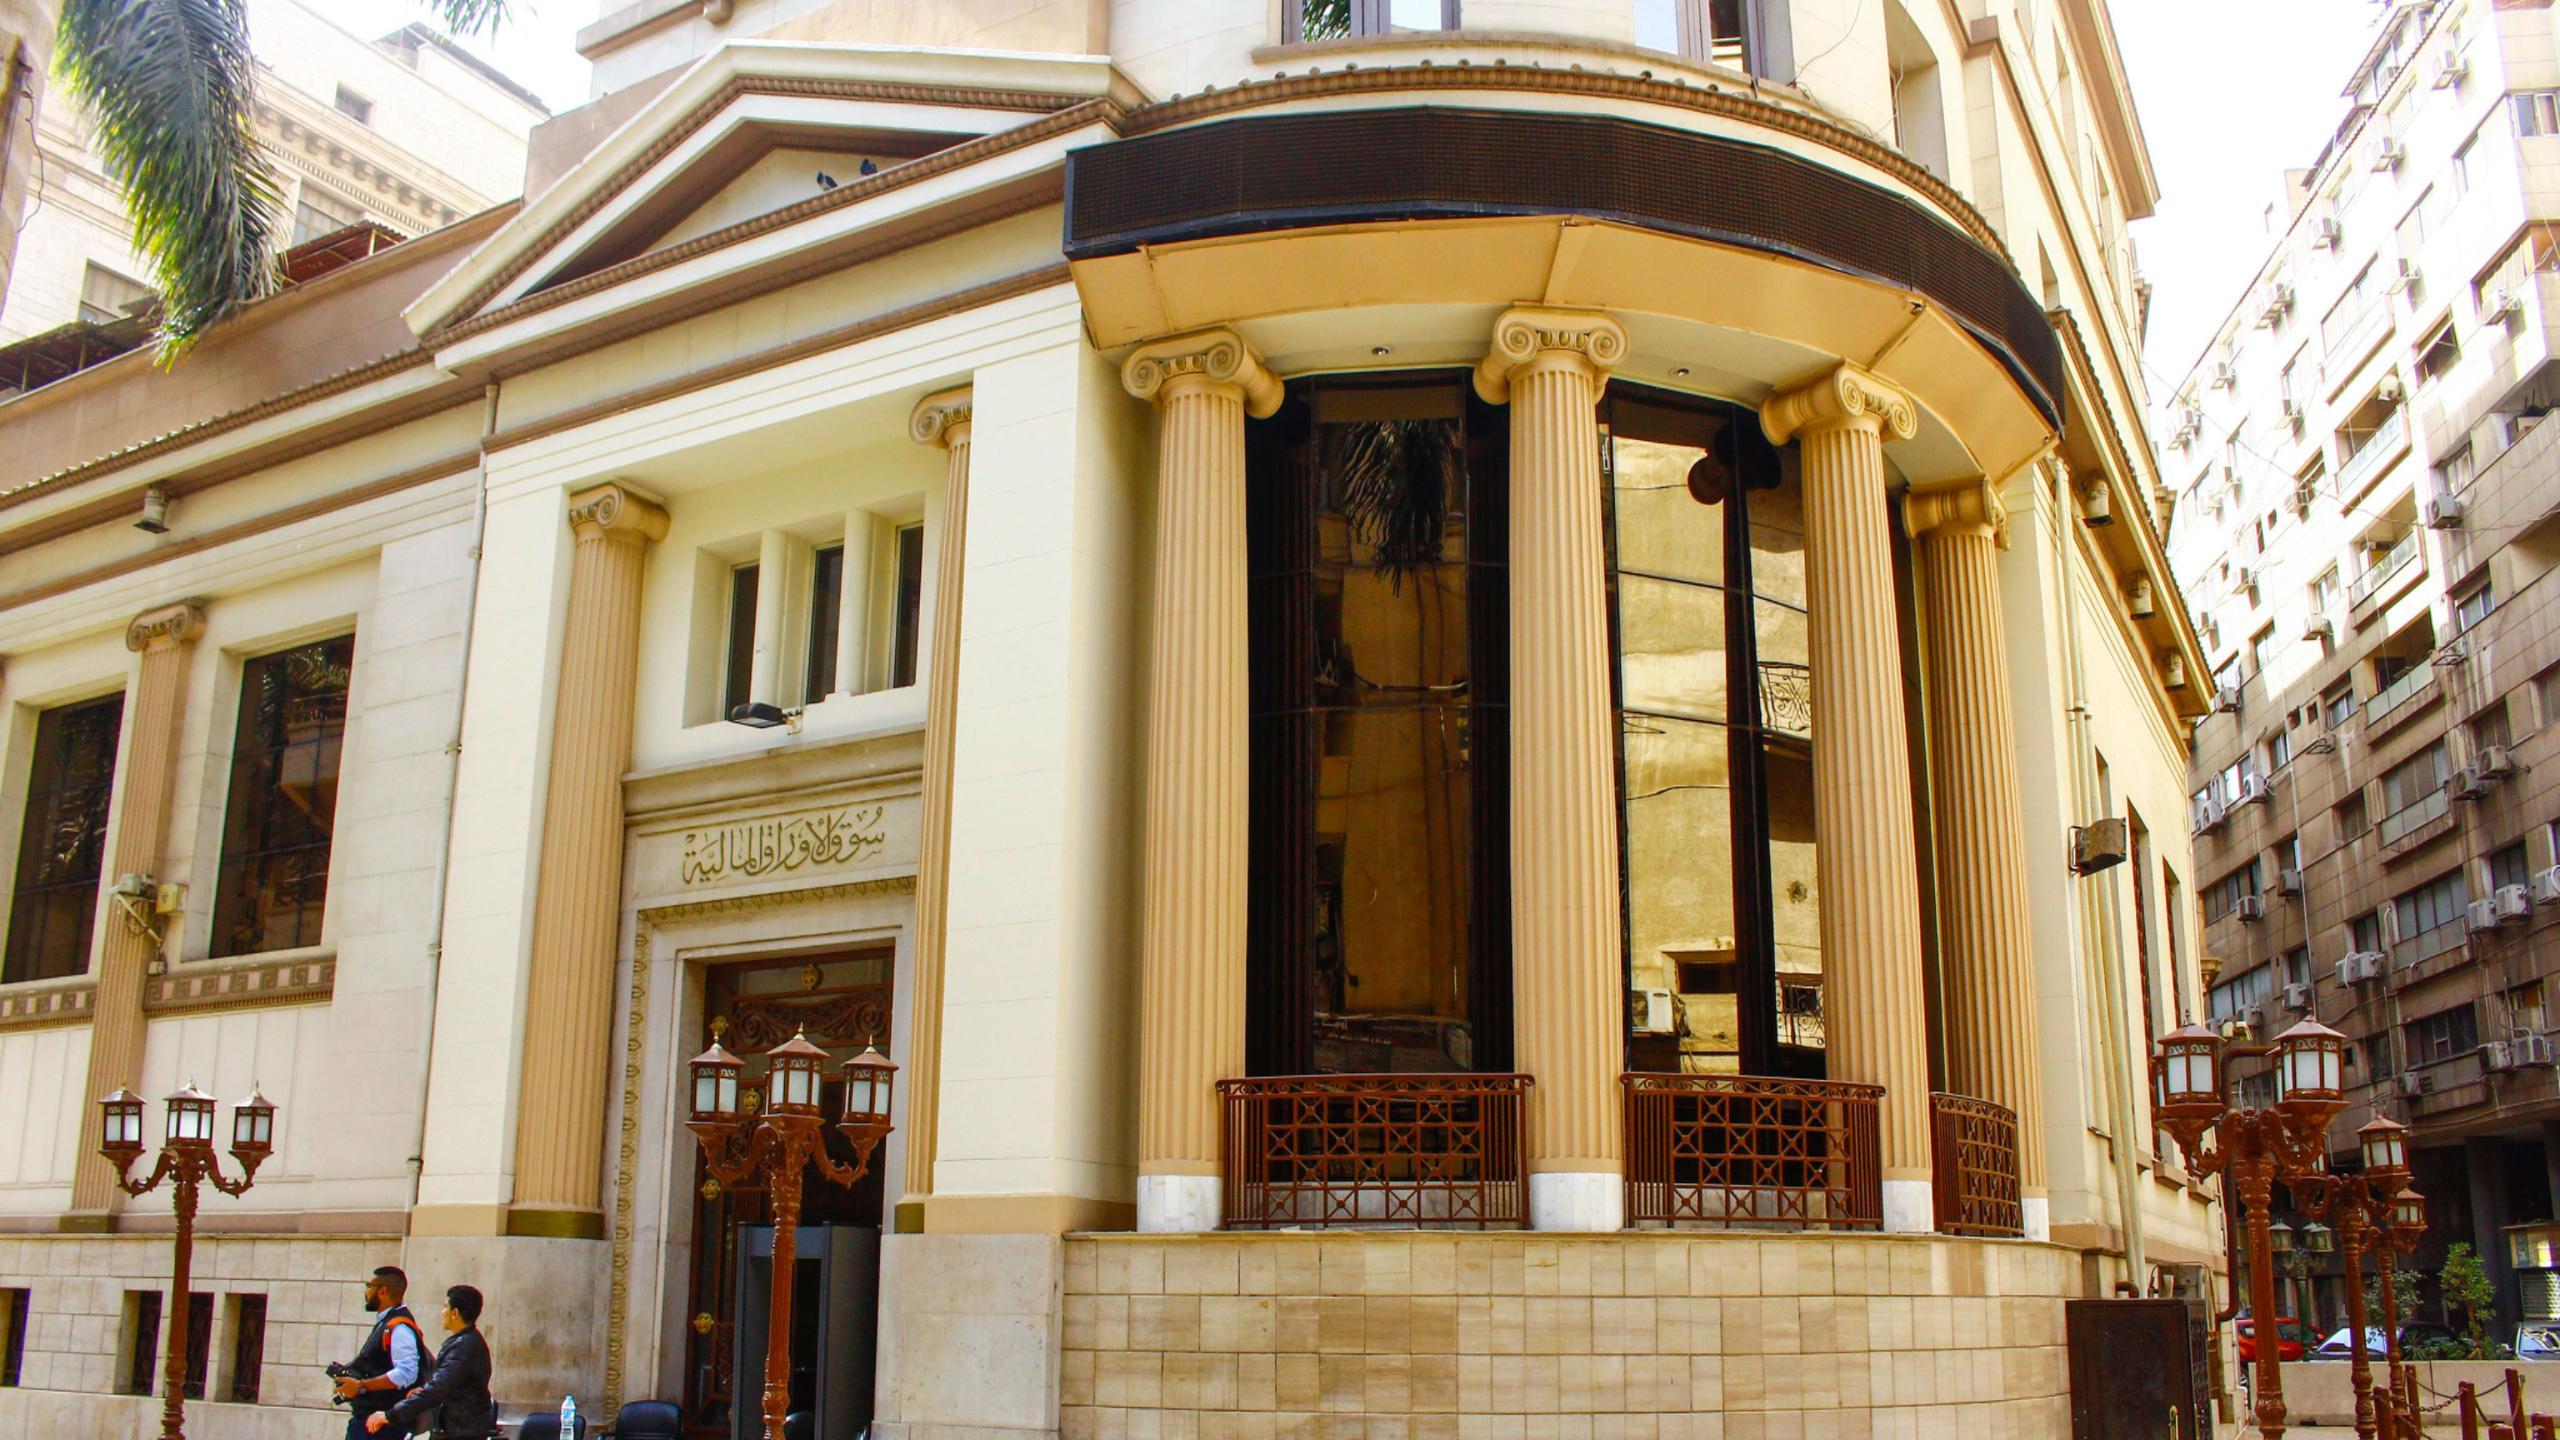 القاهرة تنضم لشبكة اليونسكو للمدن الإبداعية.. ووسط البلد في مقدمة المستفيدين.. مثلث البورصة يستعد لاستقبال أنشطة ثقافية وفنية بالتوازي مع التطوير